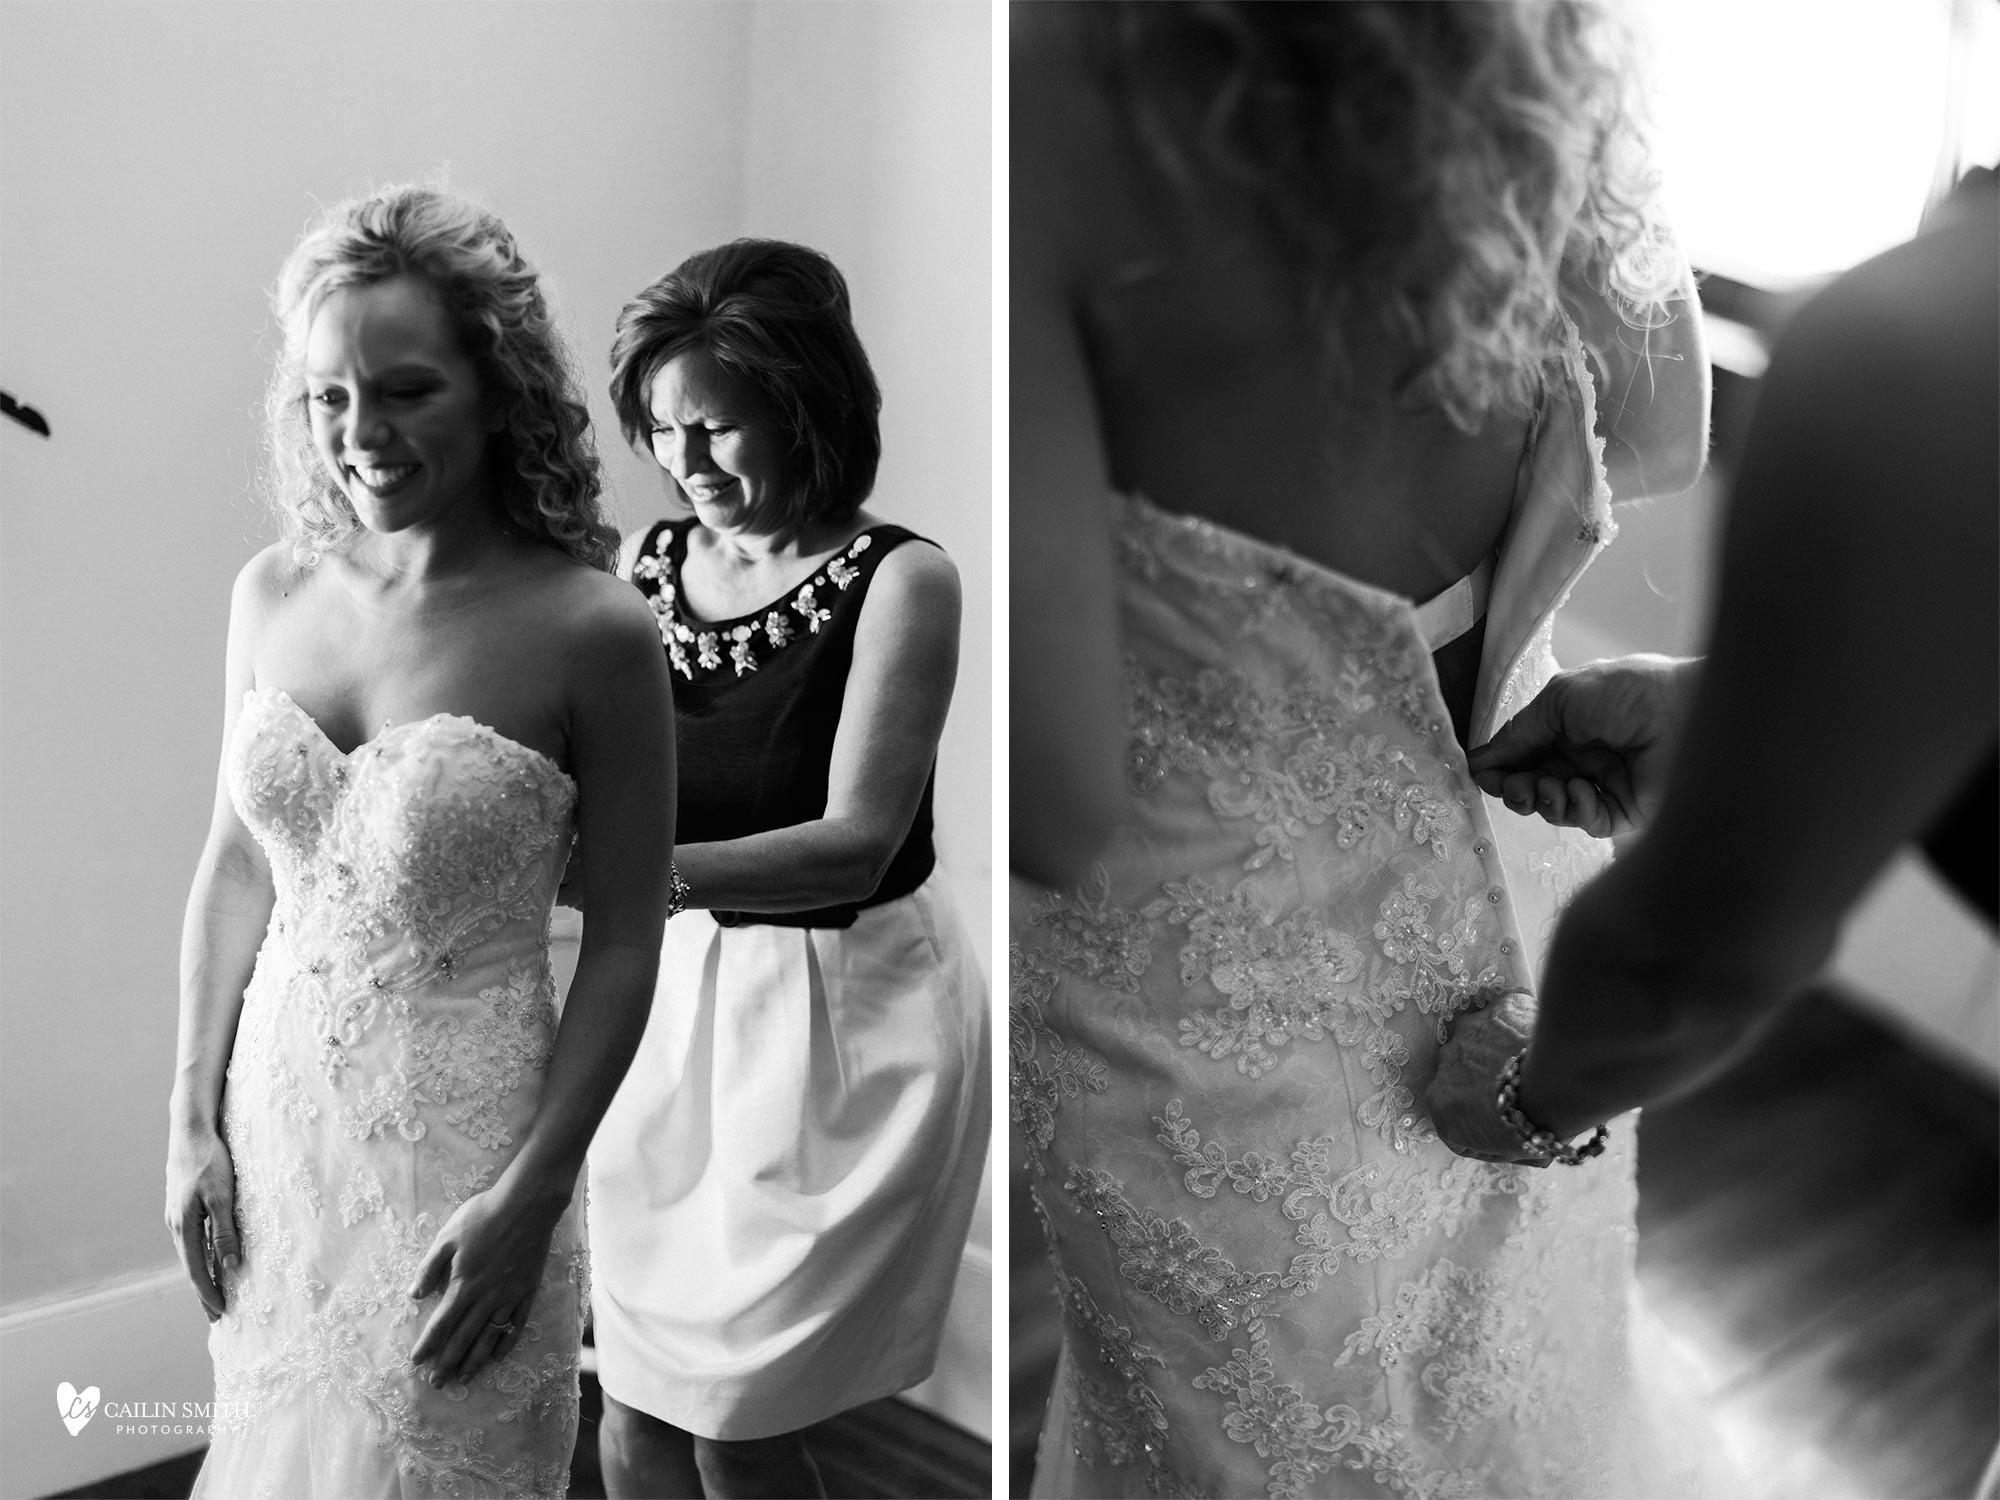 Leah_Major_St_Marys_Wedding_Photography_010.jpg